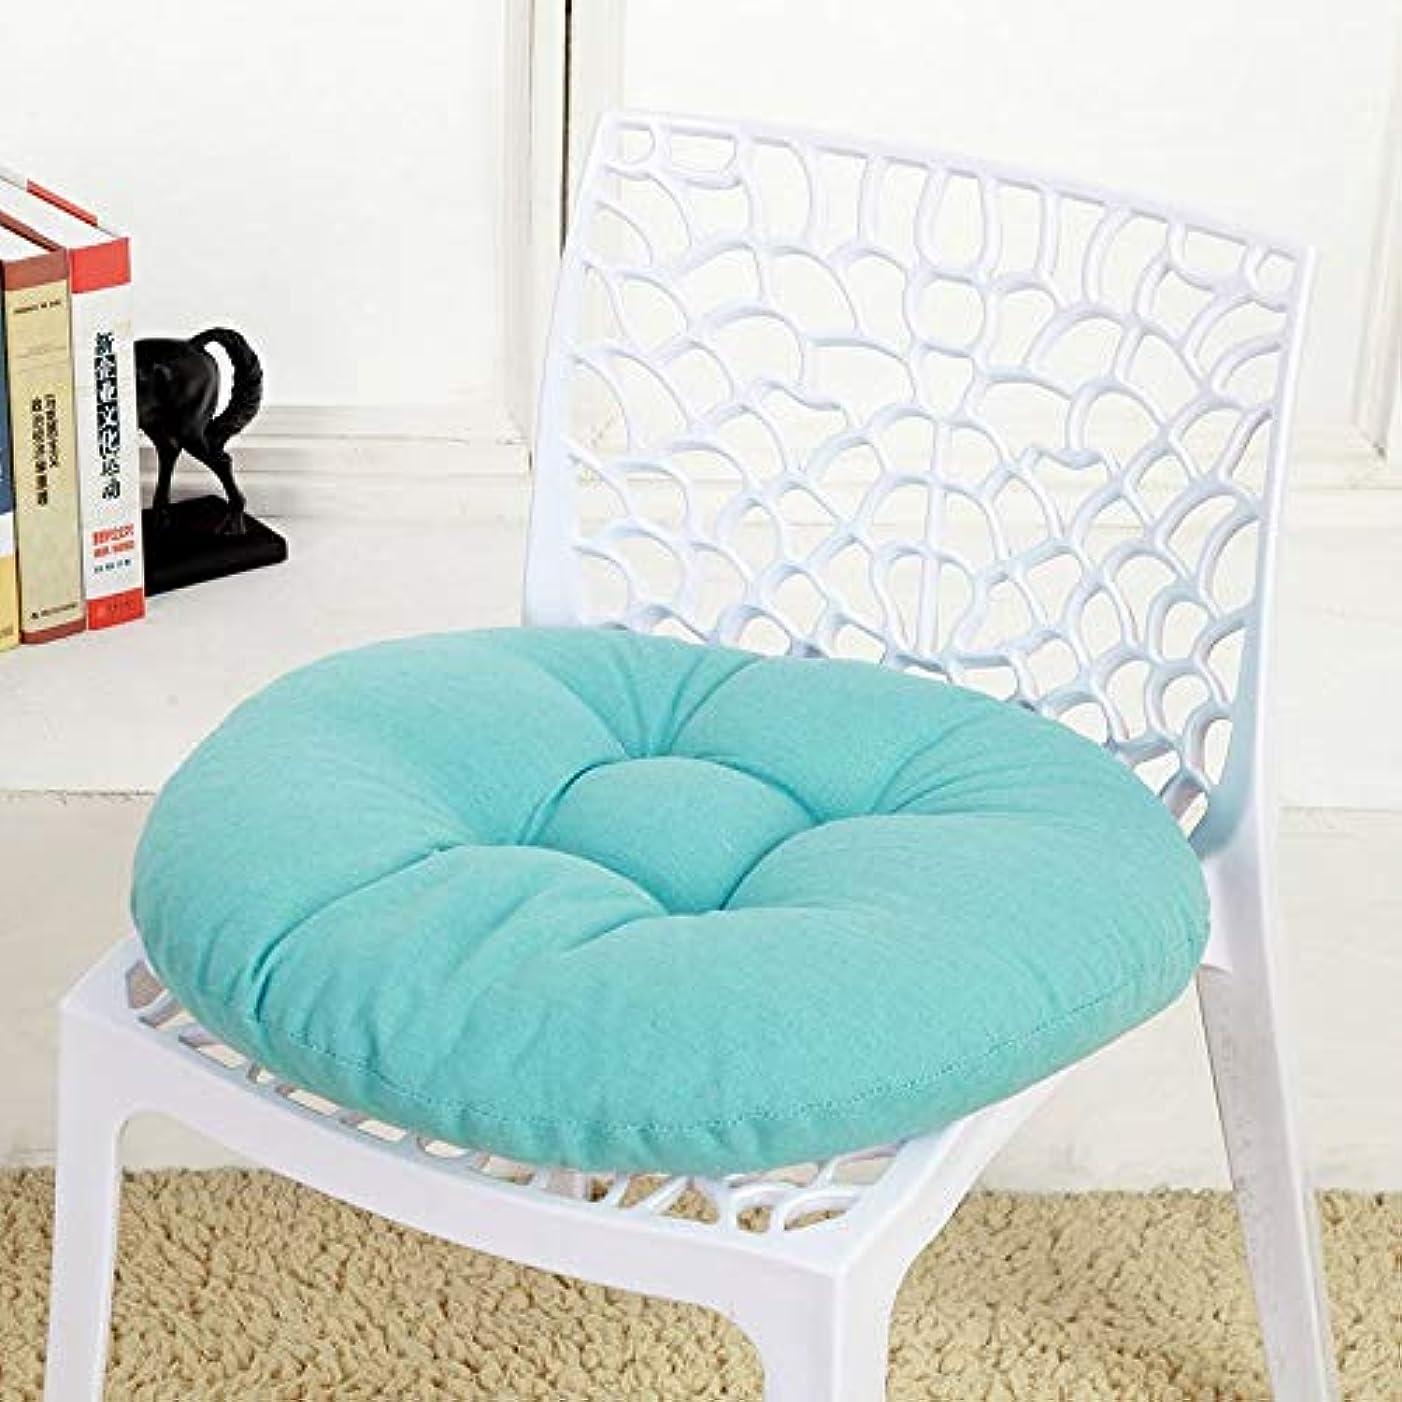 下着罹患率保持するLIFE キャンディカラーのクッションラウンドシートクッション波ウィンドウシートクッションクッション家の装飾パッドラウンド枕シート枕椅子座る枕 クッション 椅子